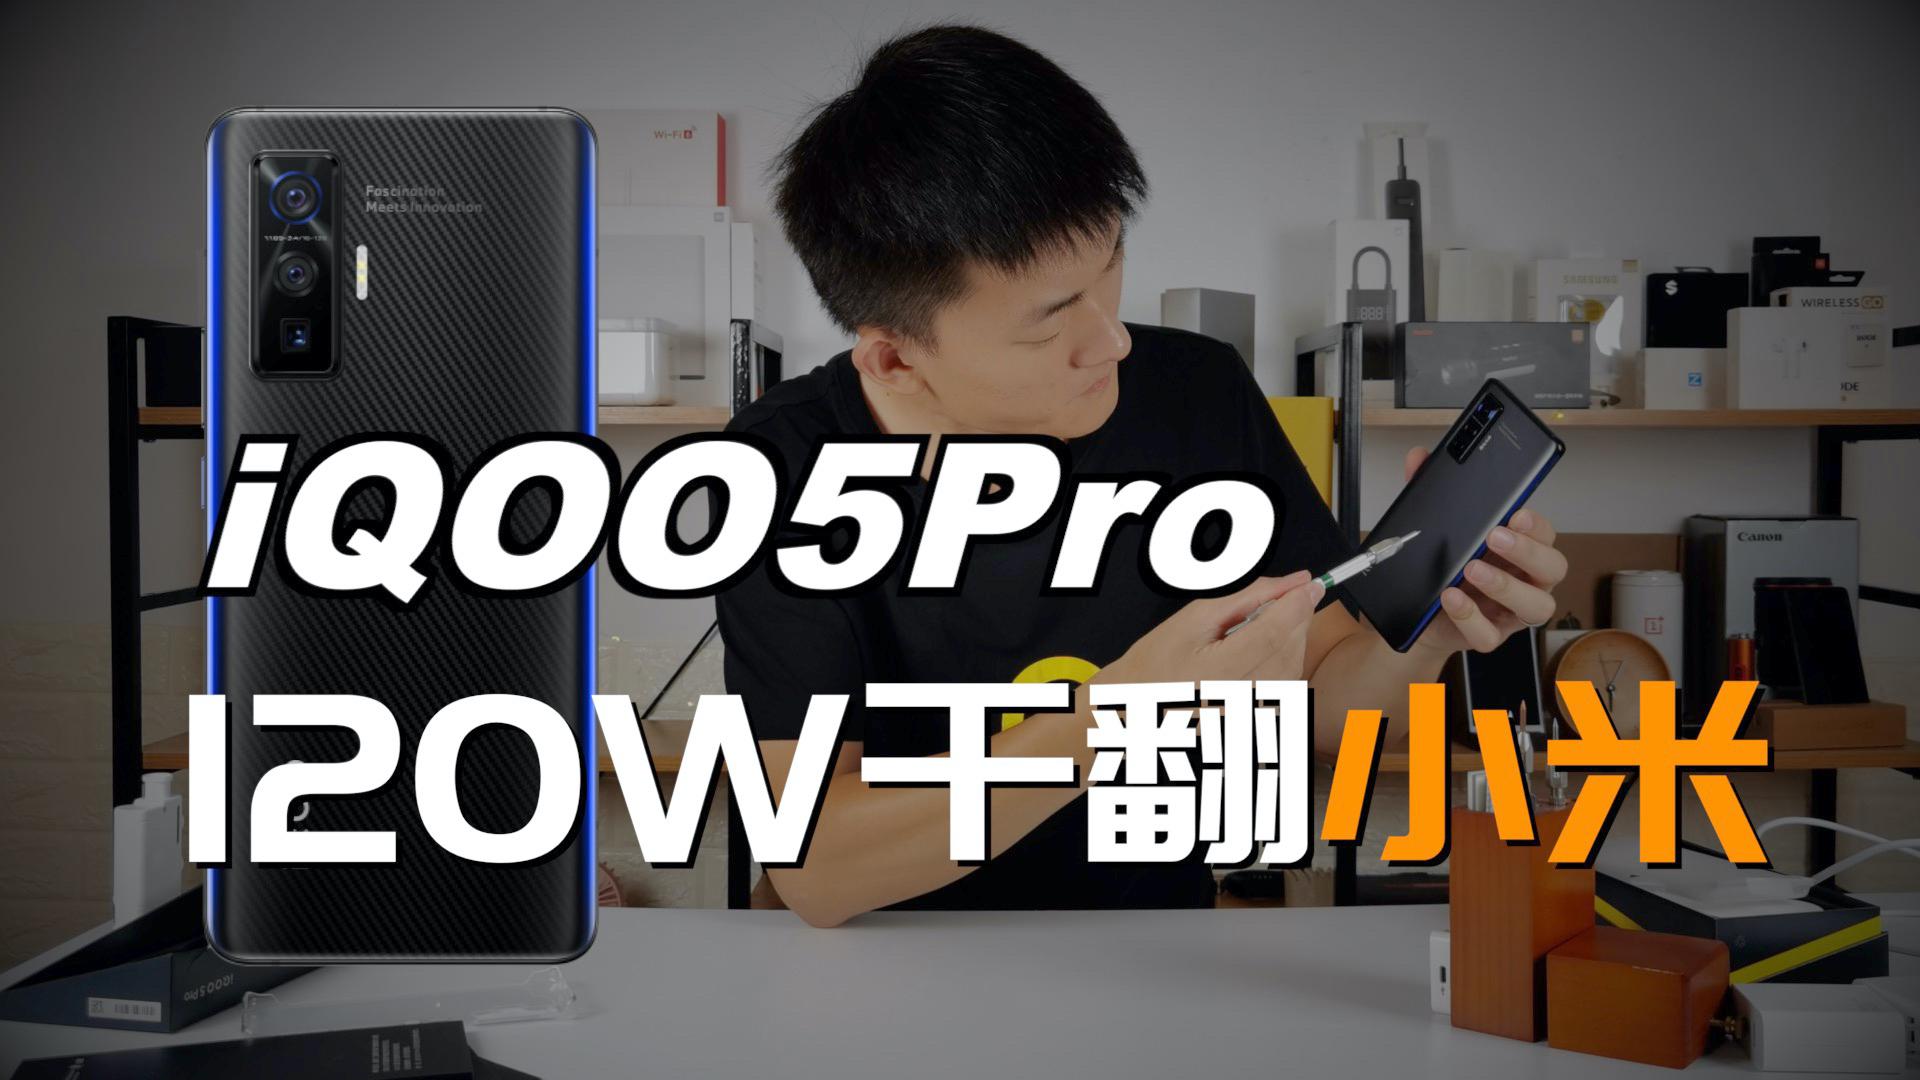 iQOO5Pro上手评测 120W干翻小米【新评科技】